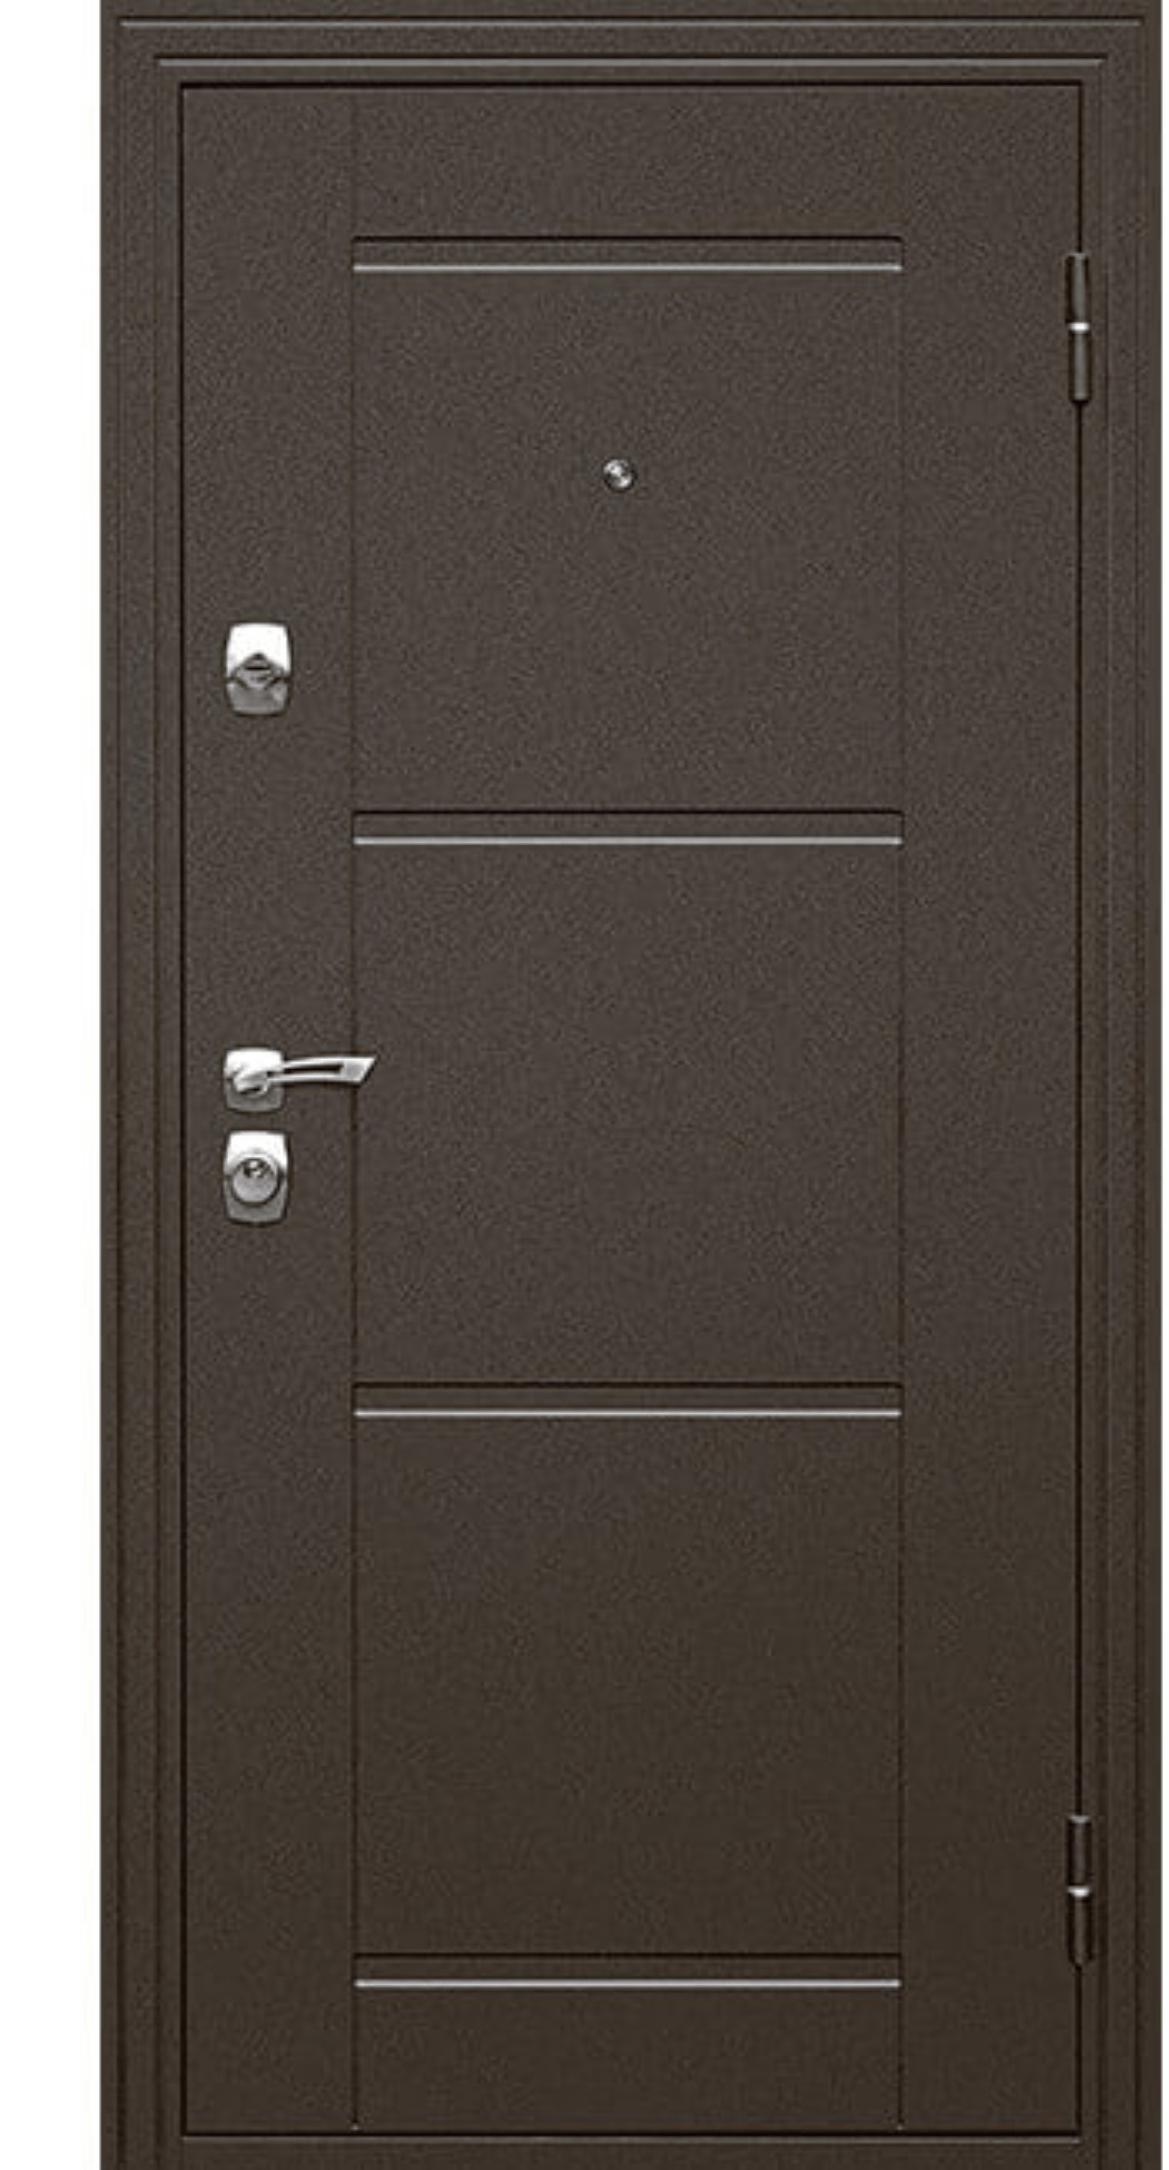 Дверь входная металлическая Эстет, 960 мм, правая, цвет дуб беленый в Калининграде